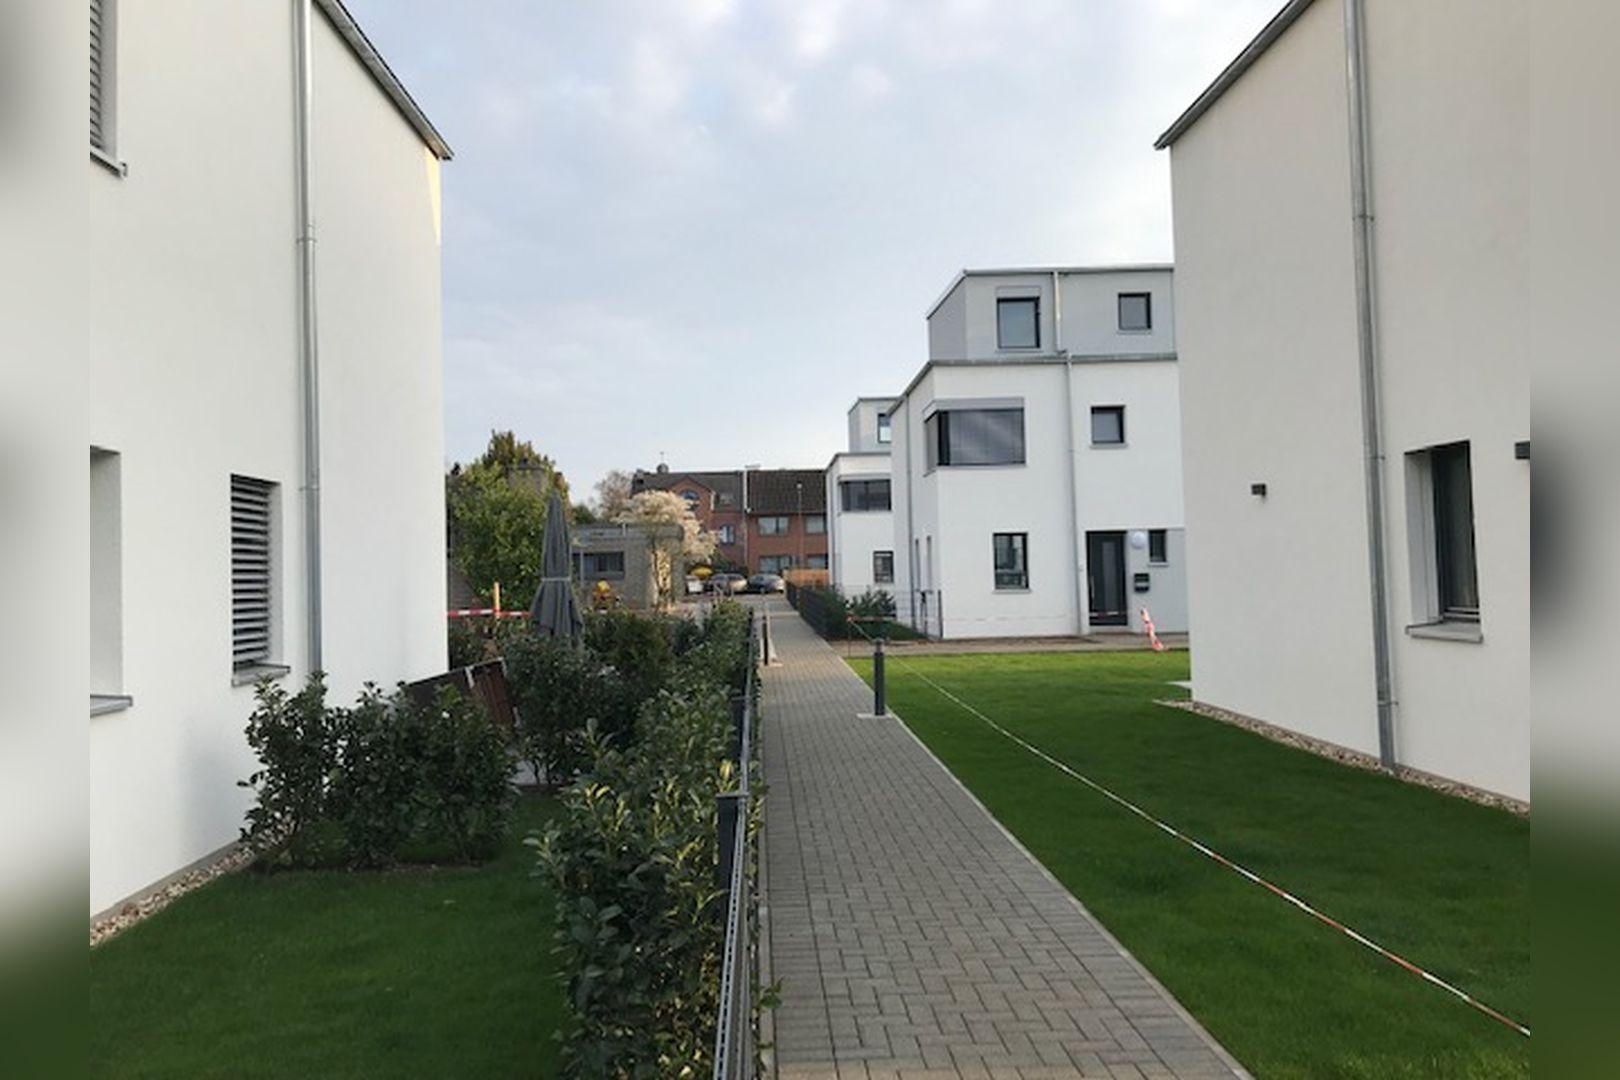 Immobilie Nr.BÖ-07 - BÖ-07; Reihenend-Mittelhaus mit Garten, Dachterrasse u. Garagenzugang  - Bild 6.jpg